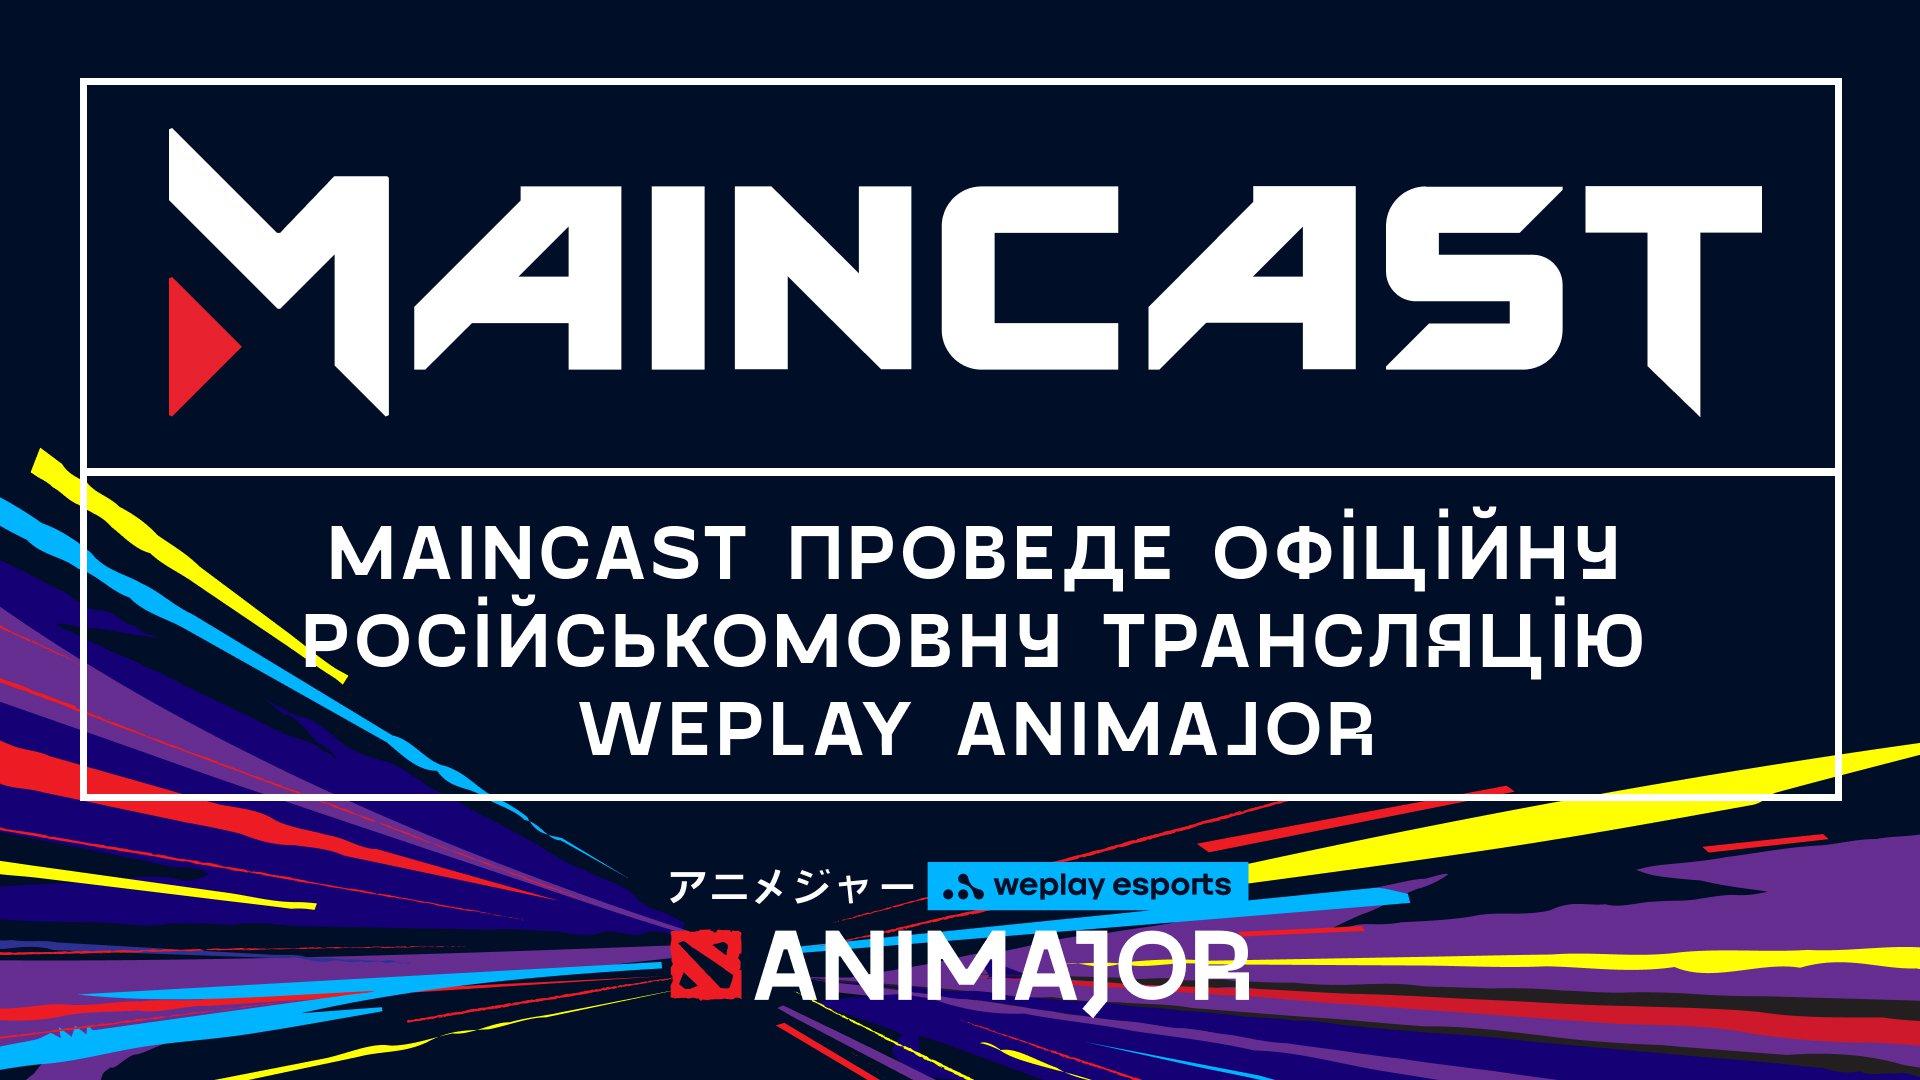 Maincast проведе офіційну російськомовну трансляцію WePlay AniMajor